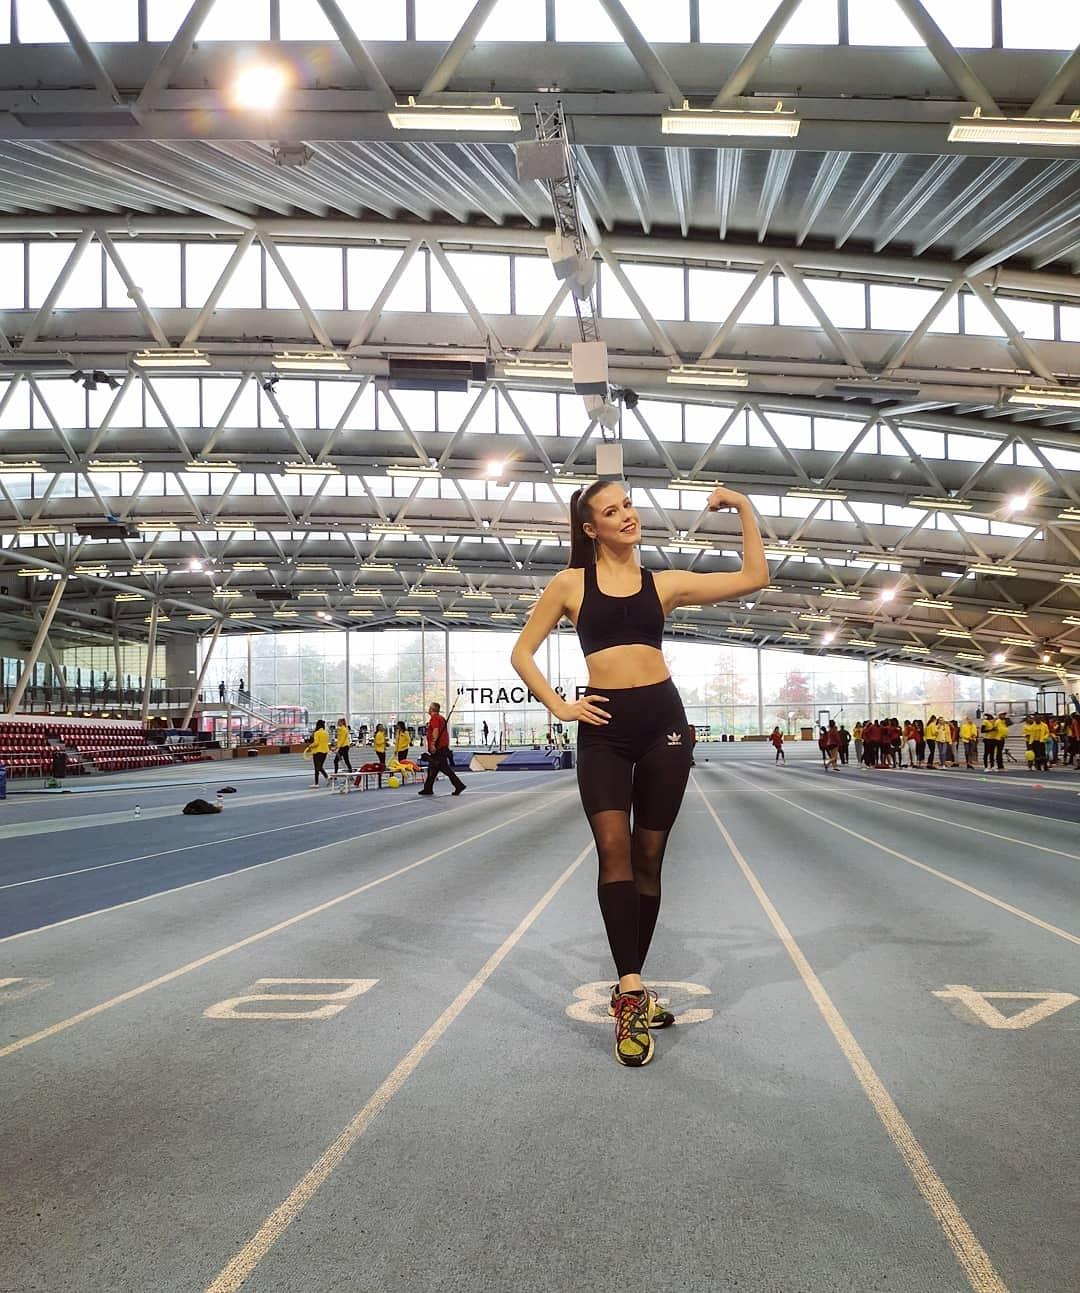 fast track miss sport de miss  world 2019. - Página 4 IuOt4x